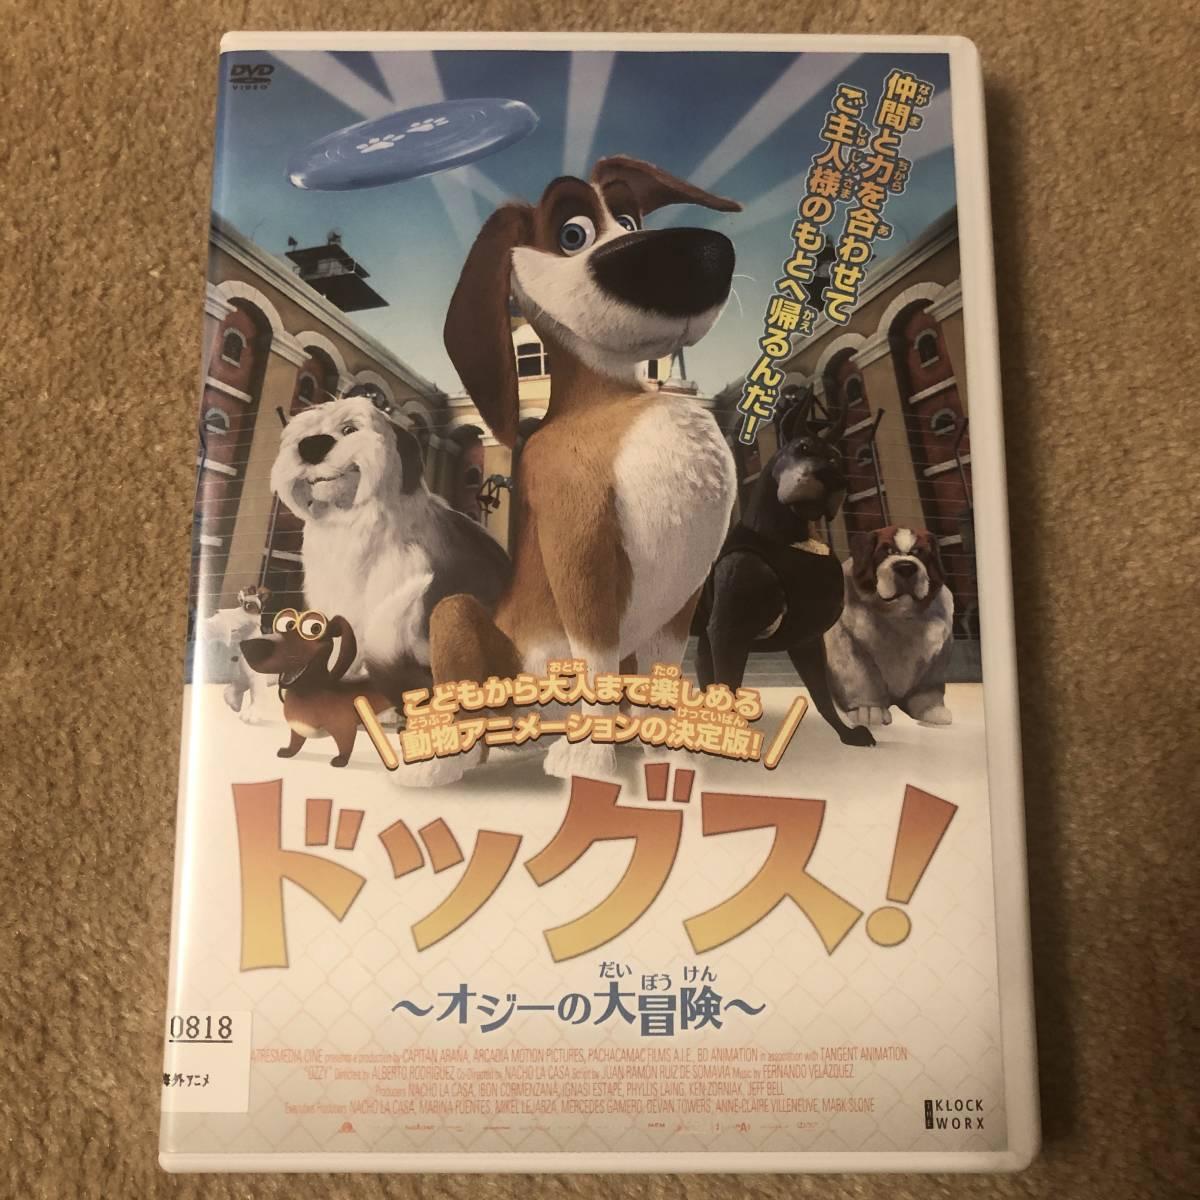 アニメDVD 「ドッグス! オジーの大冒険」仲間と力を合わせてご主人様のもとへ帰るんだ!